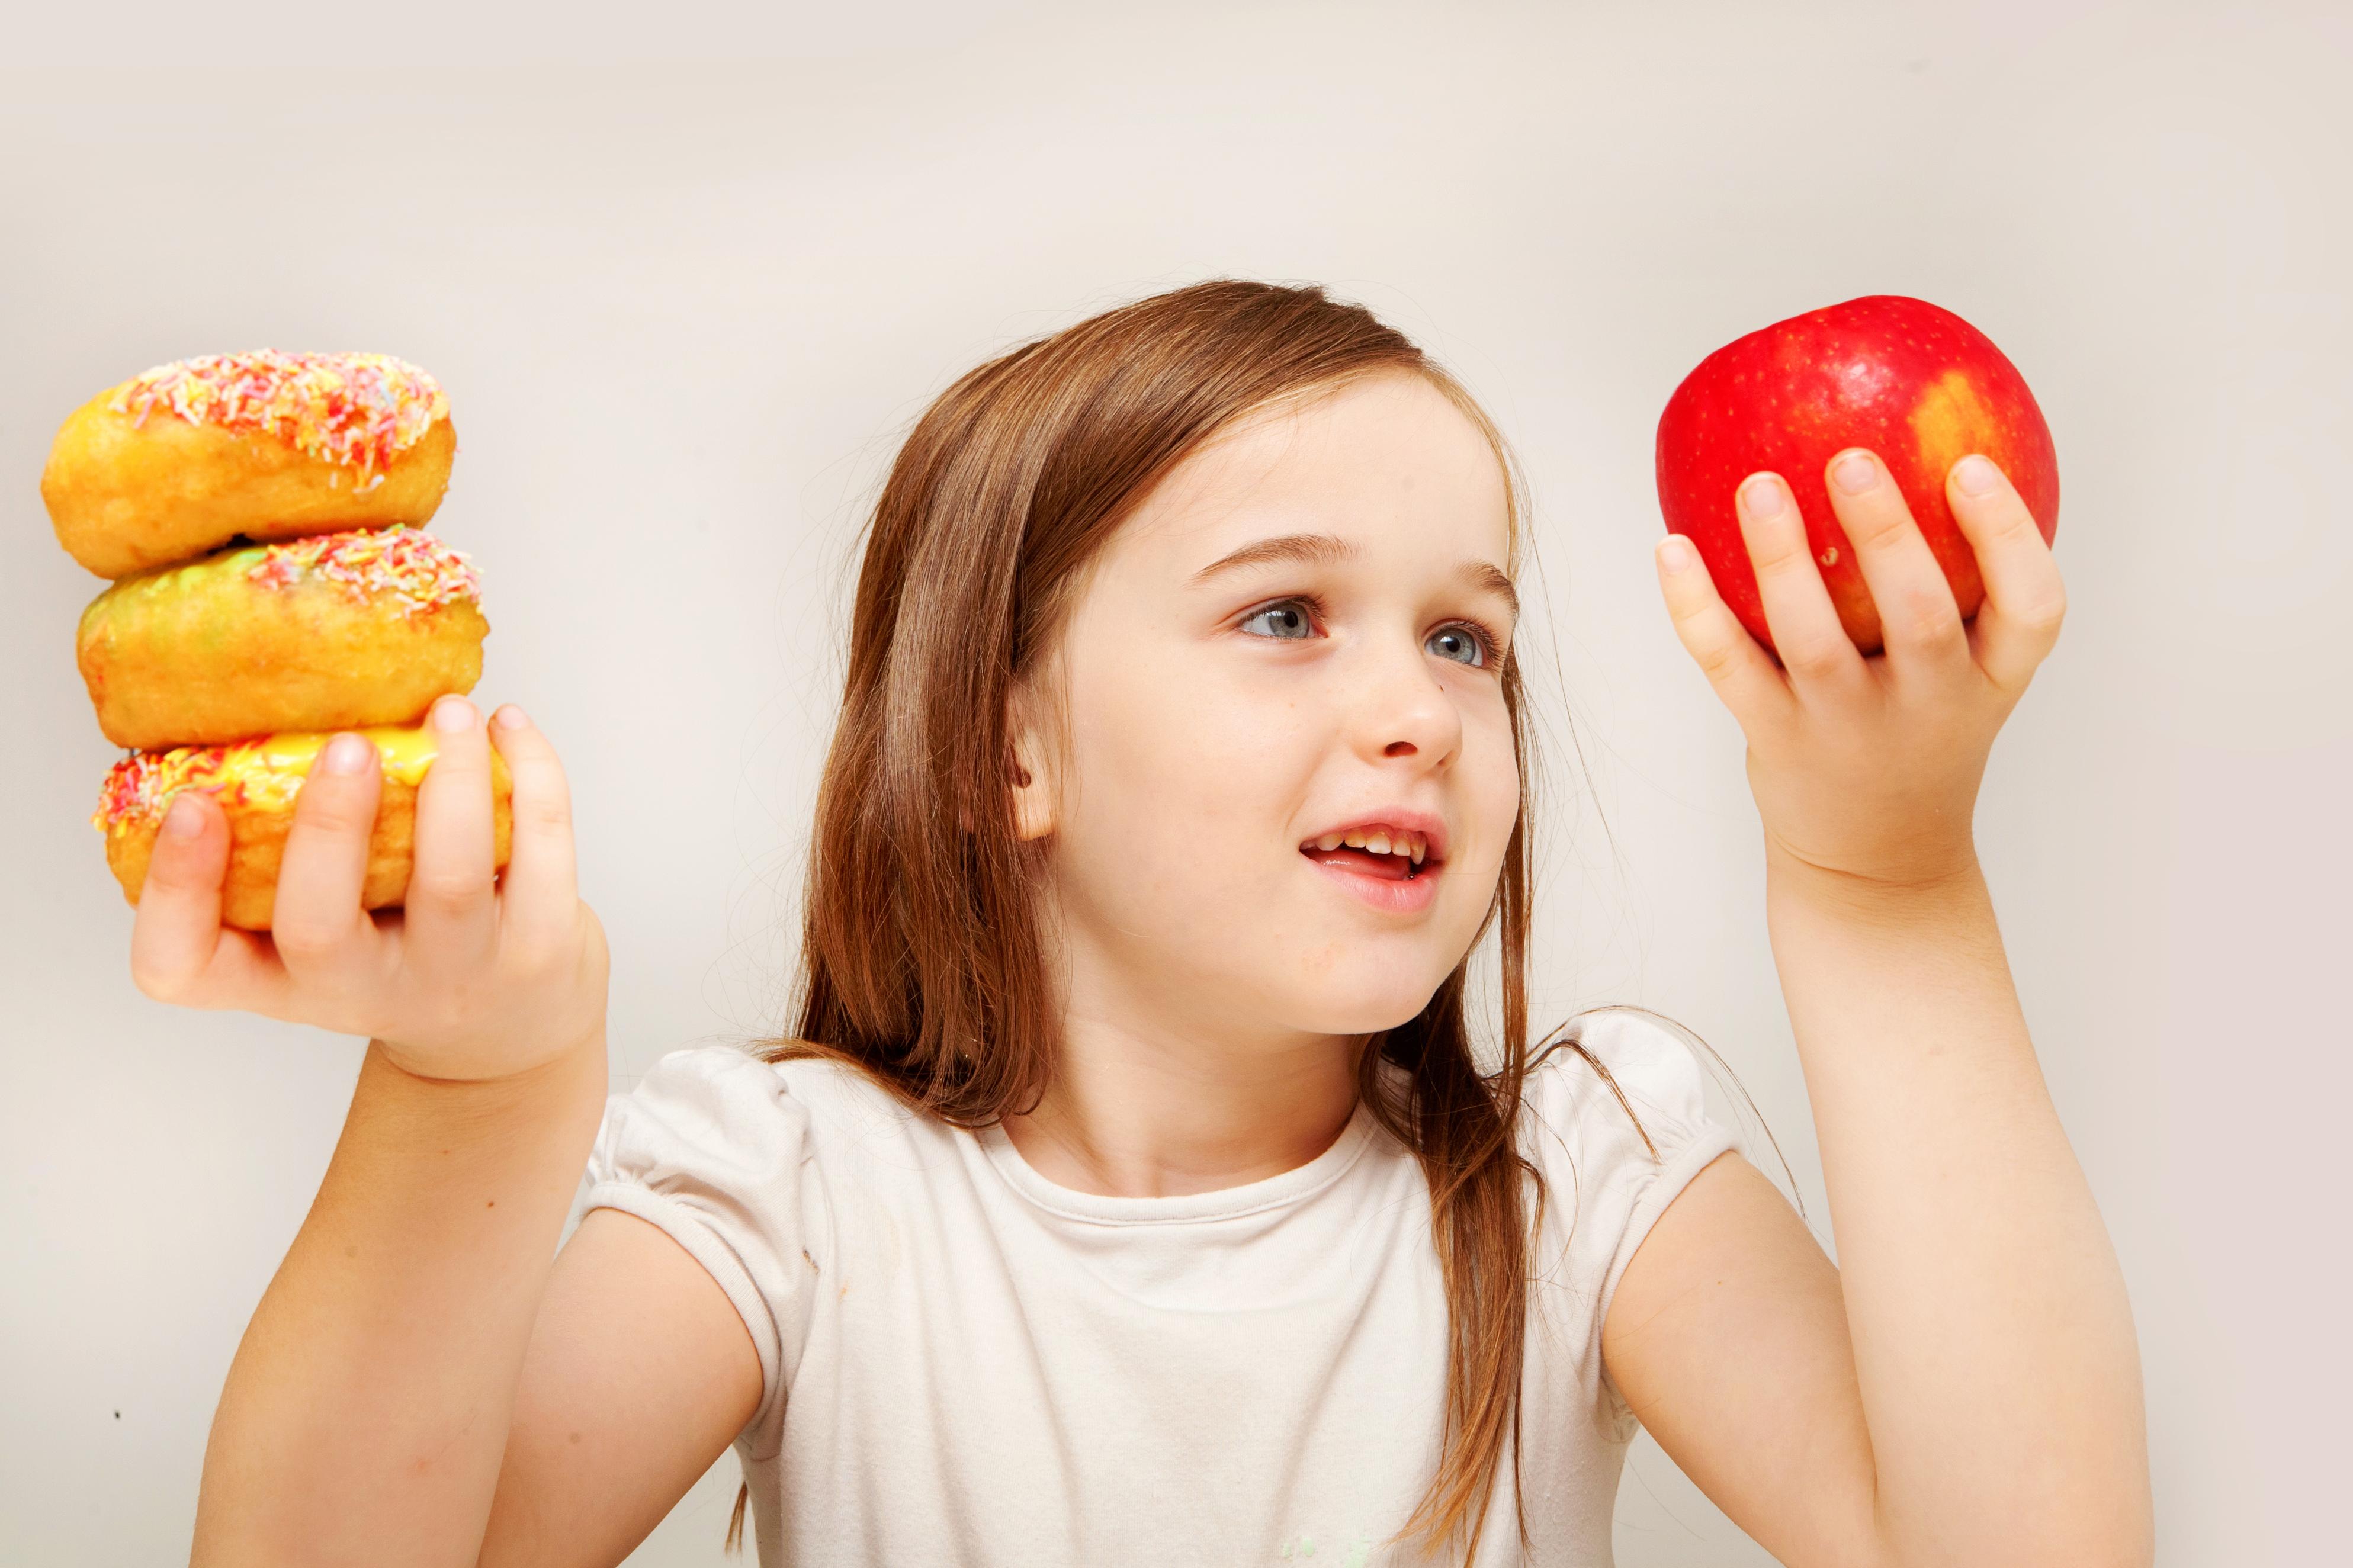 Çocuklarınızı sağlıklı beslemek sizin elinizde #2